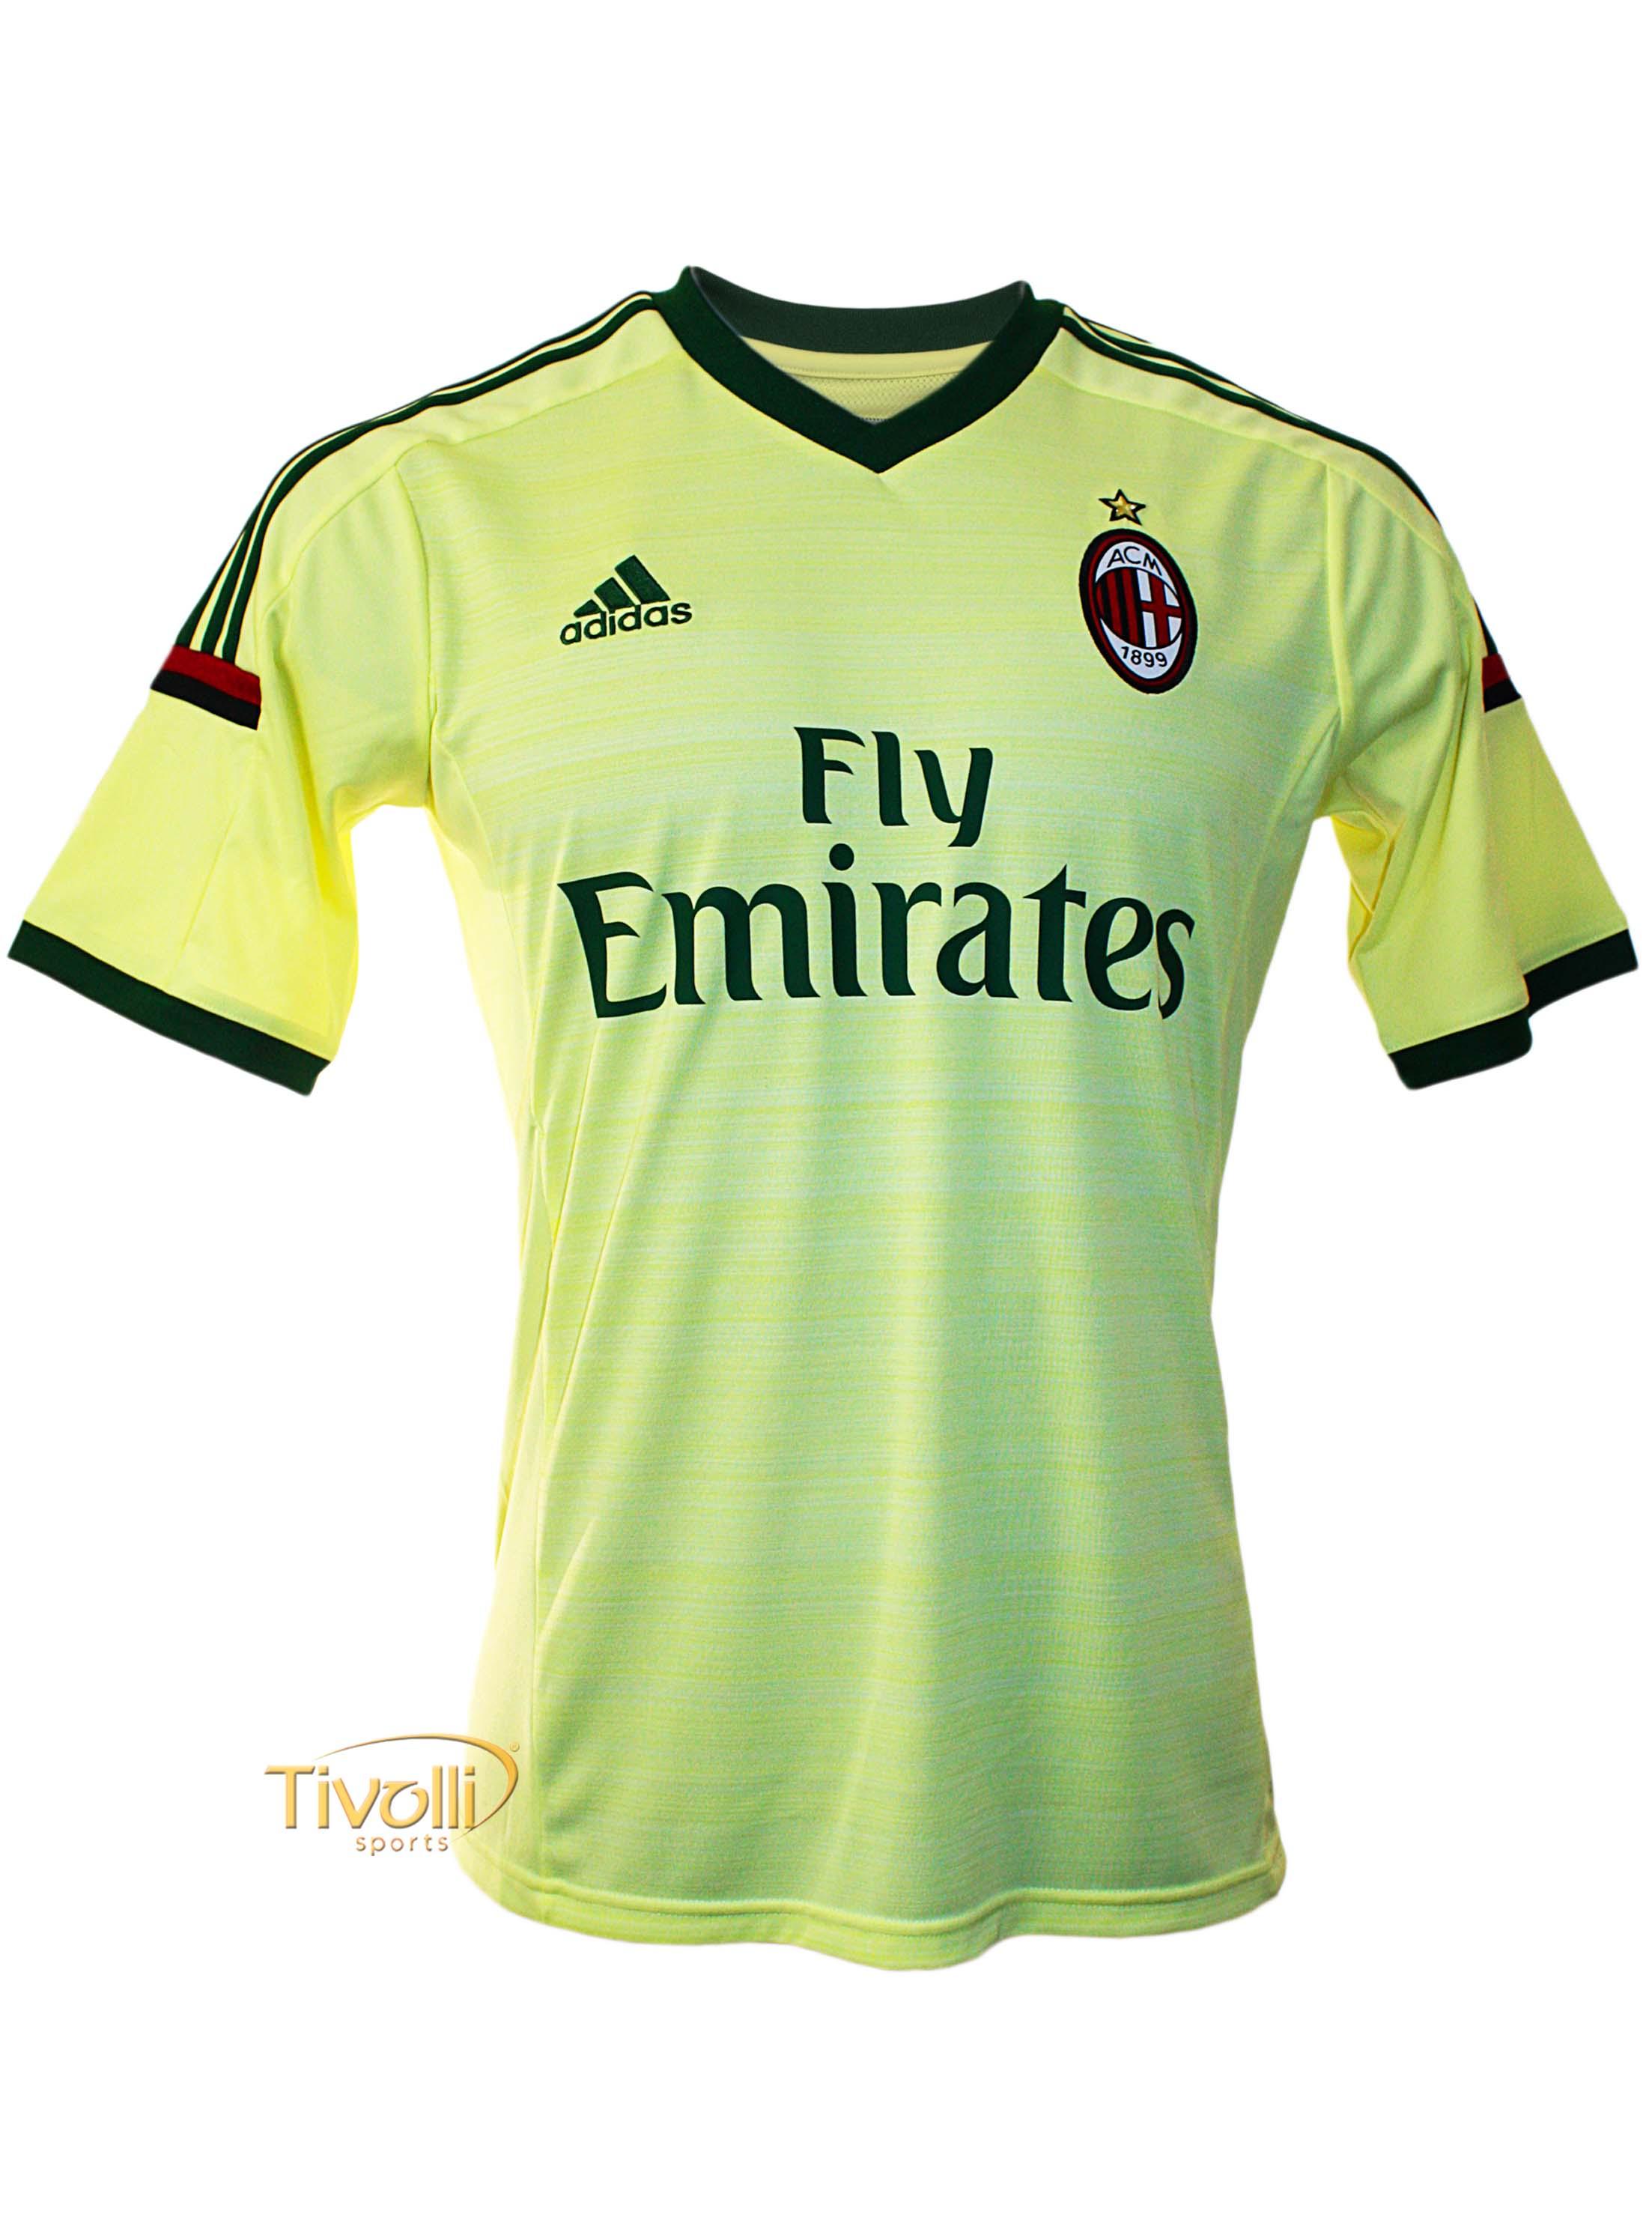 Camisa Milan III 2013 2014 Adidas. - Mega Saldão 3381d20f06d26